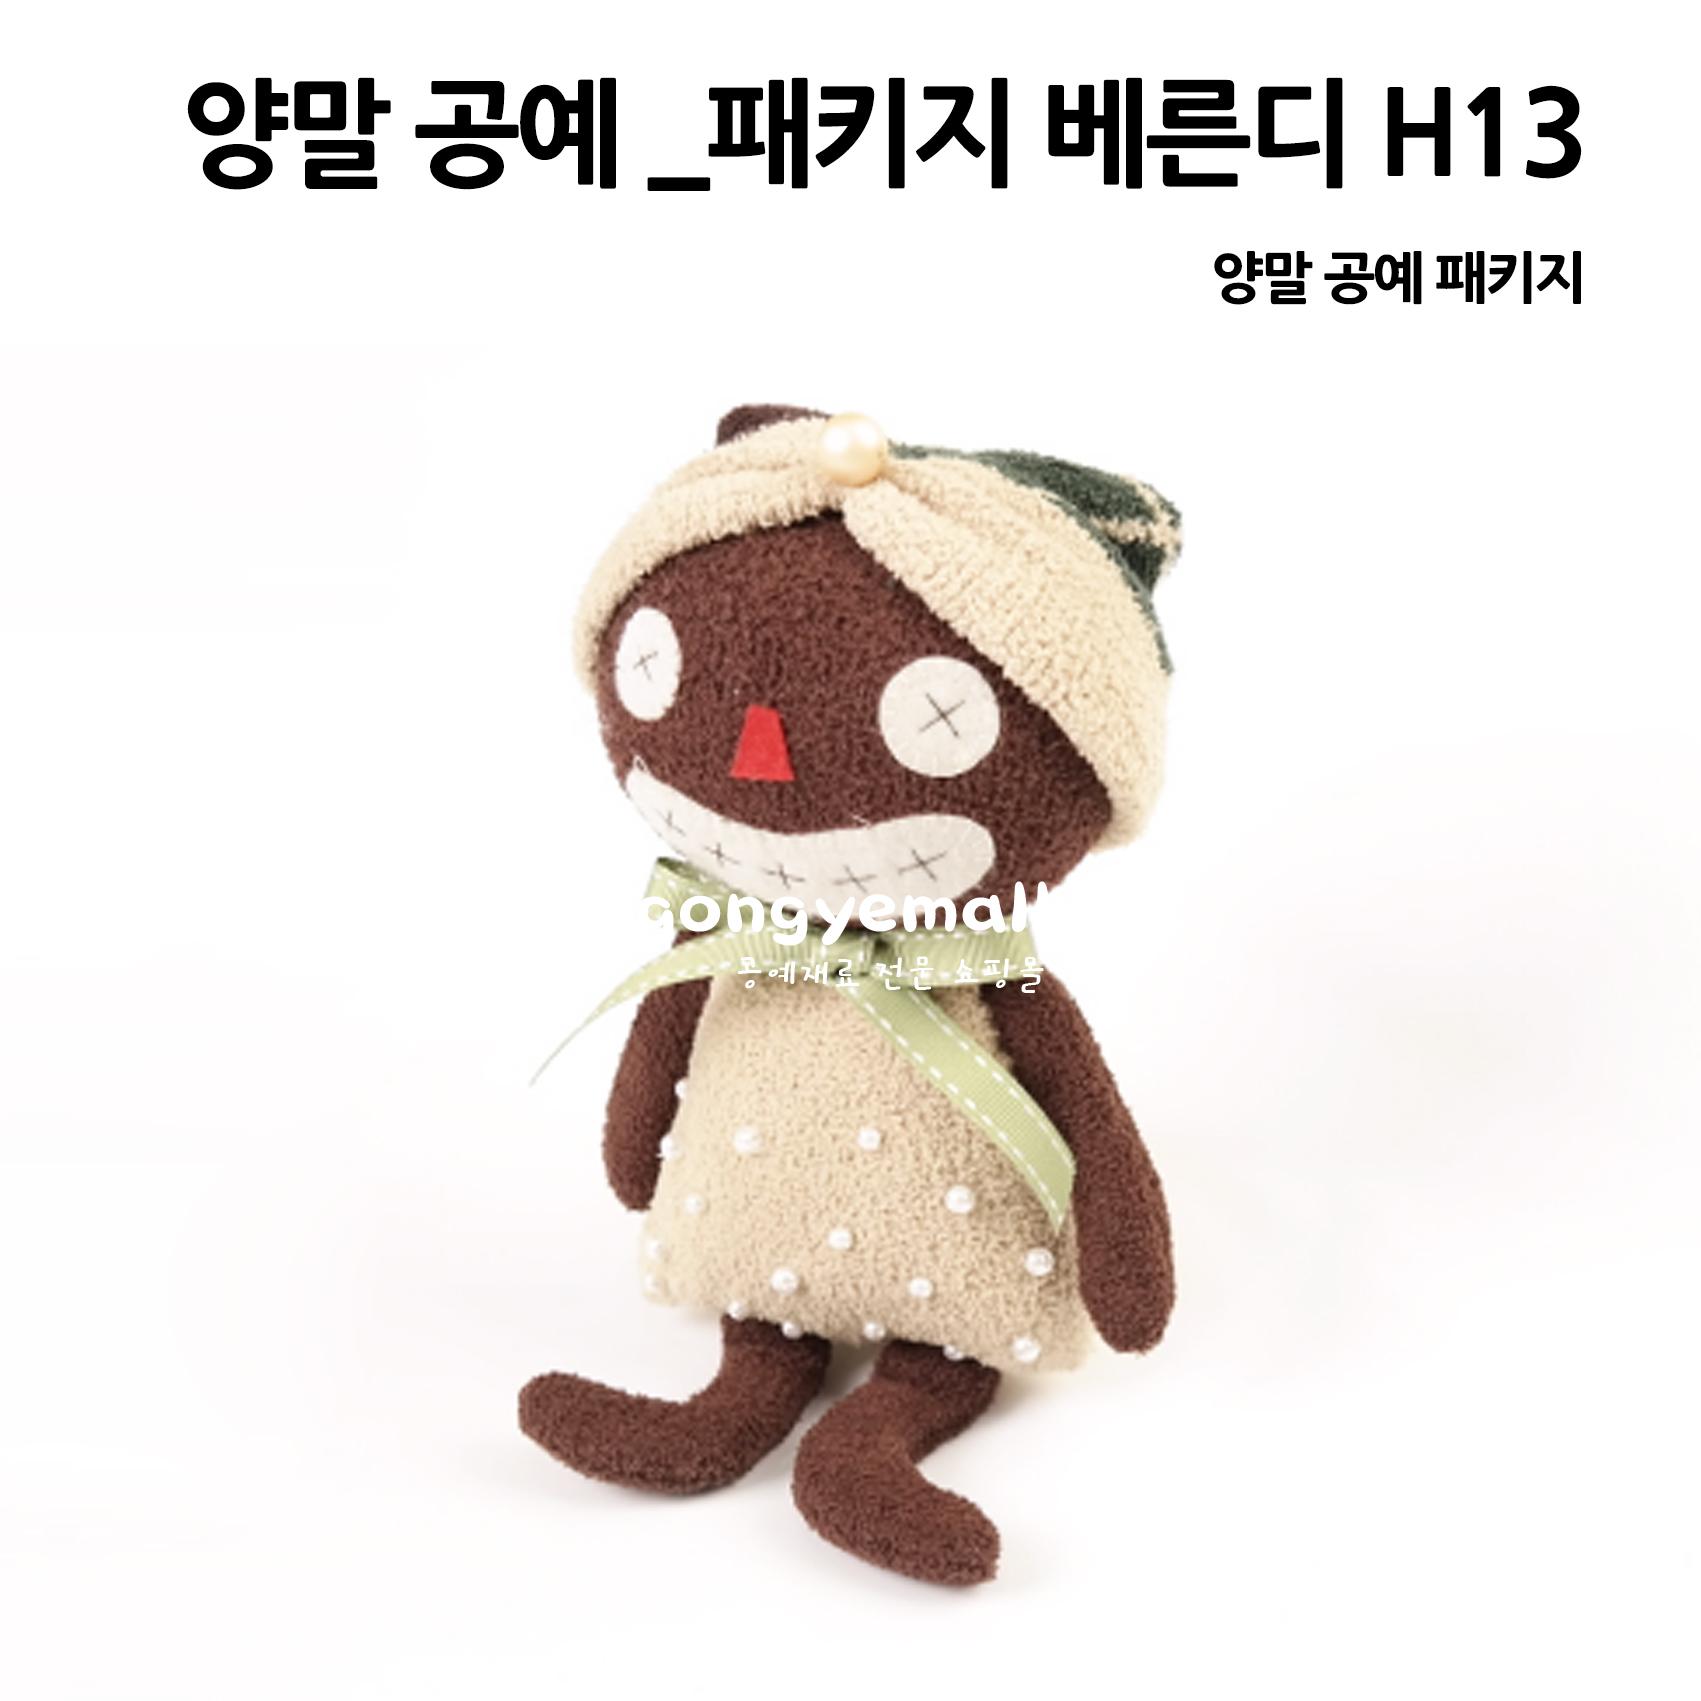 [양말공예]양말 DIY 패키지 베른디 H13